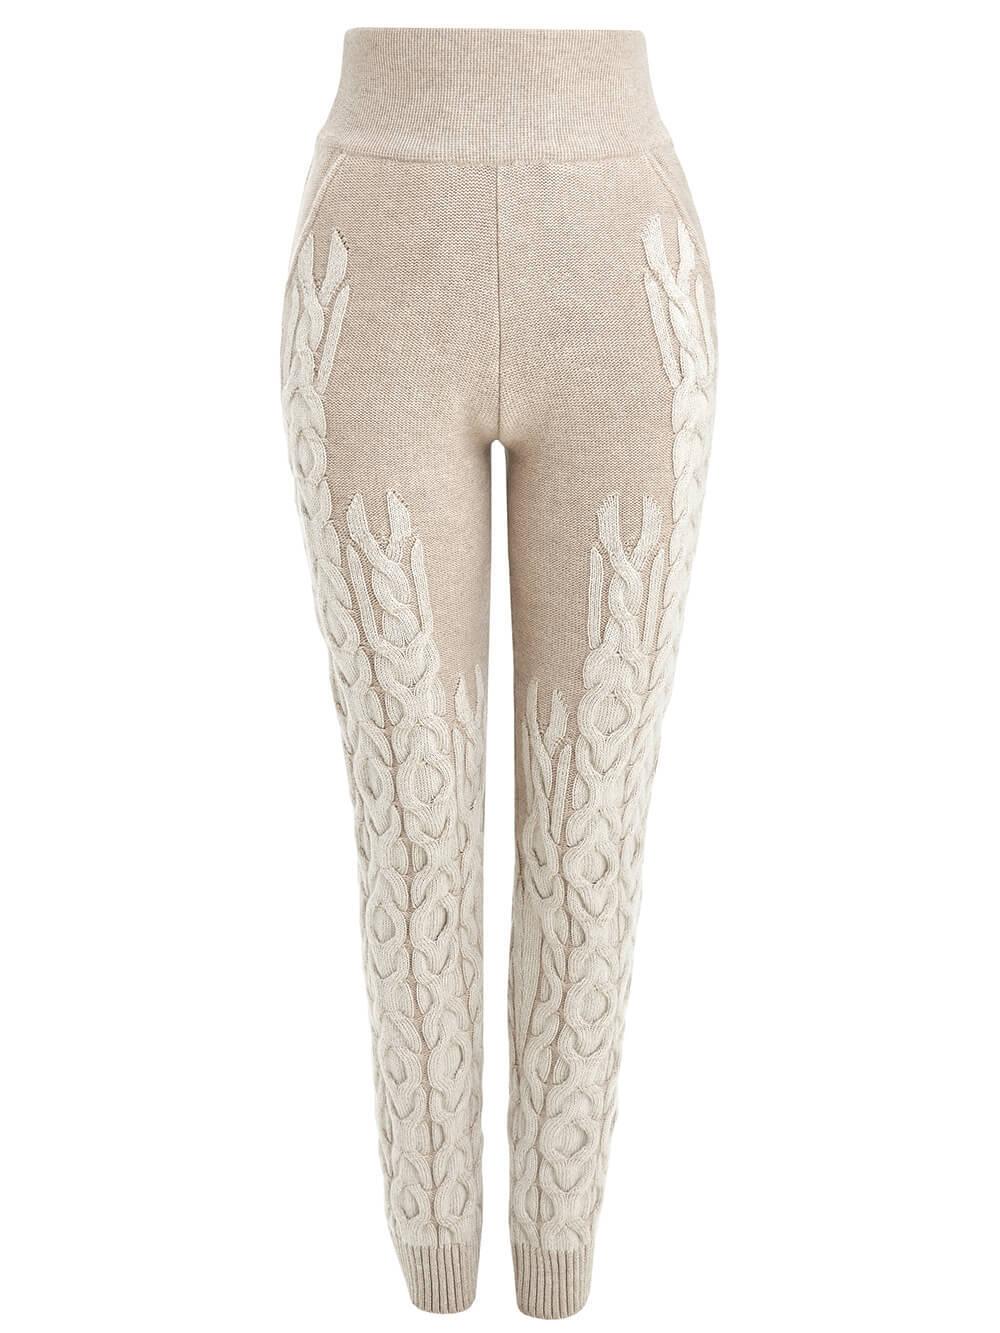 Женские брюки бежевого цвета из 100% кашемира - фото 1